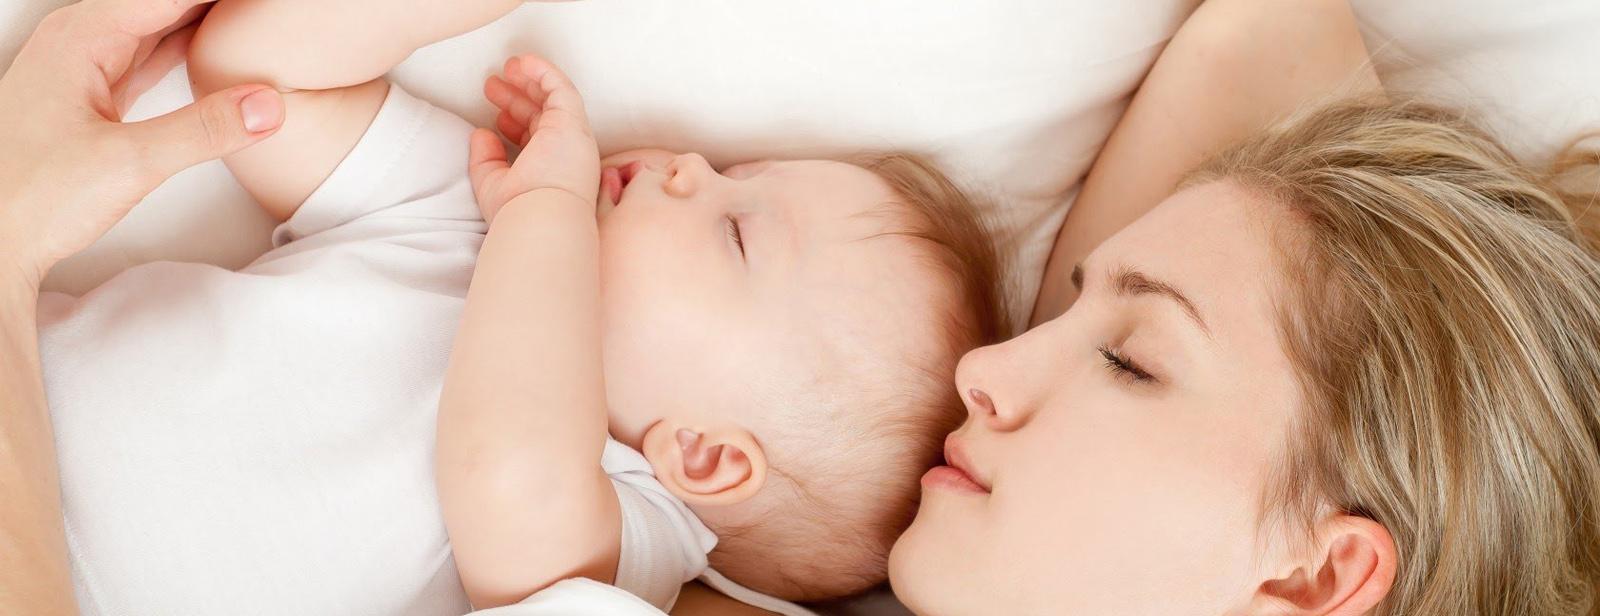 وضعیت شیردهی برای جلوگیری از انباشت گاز